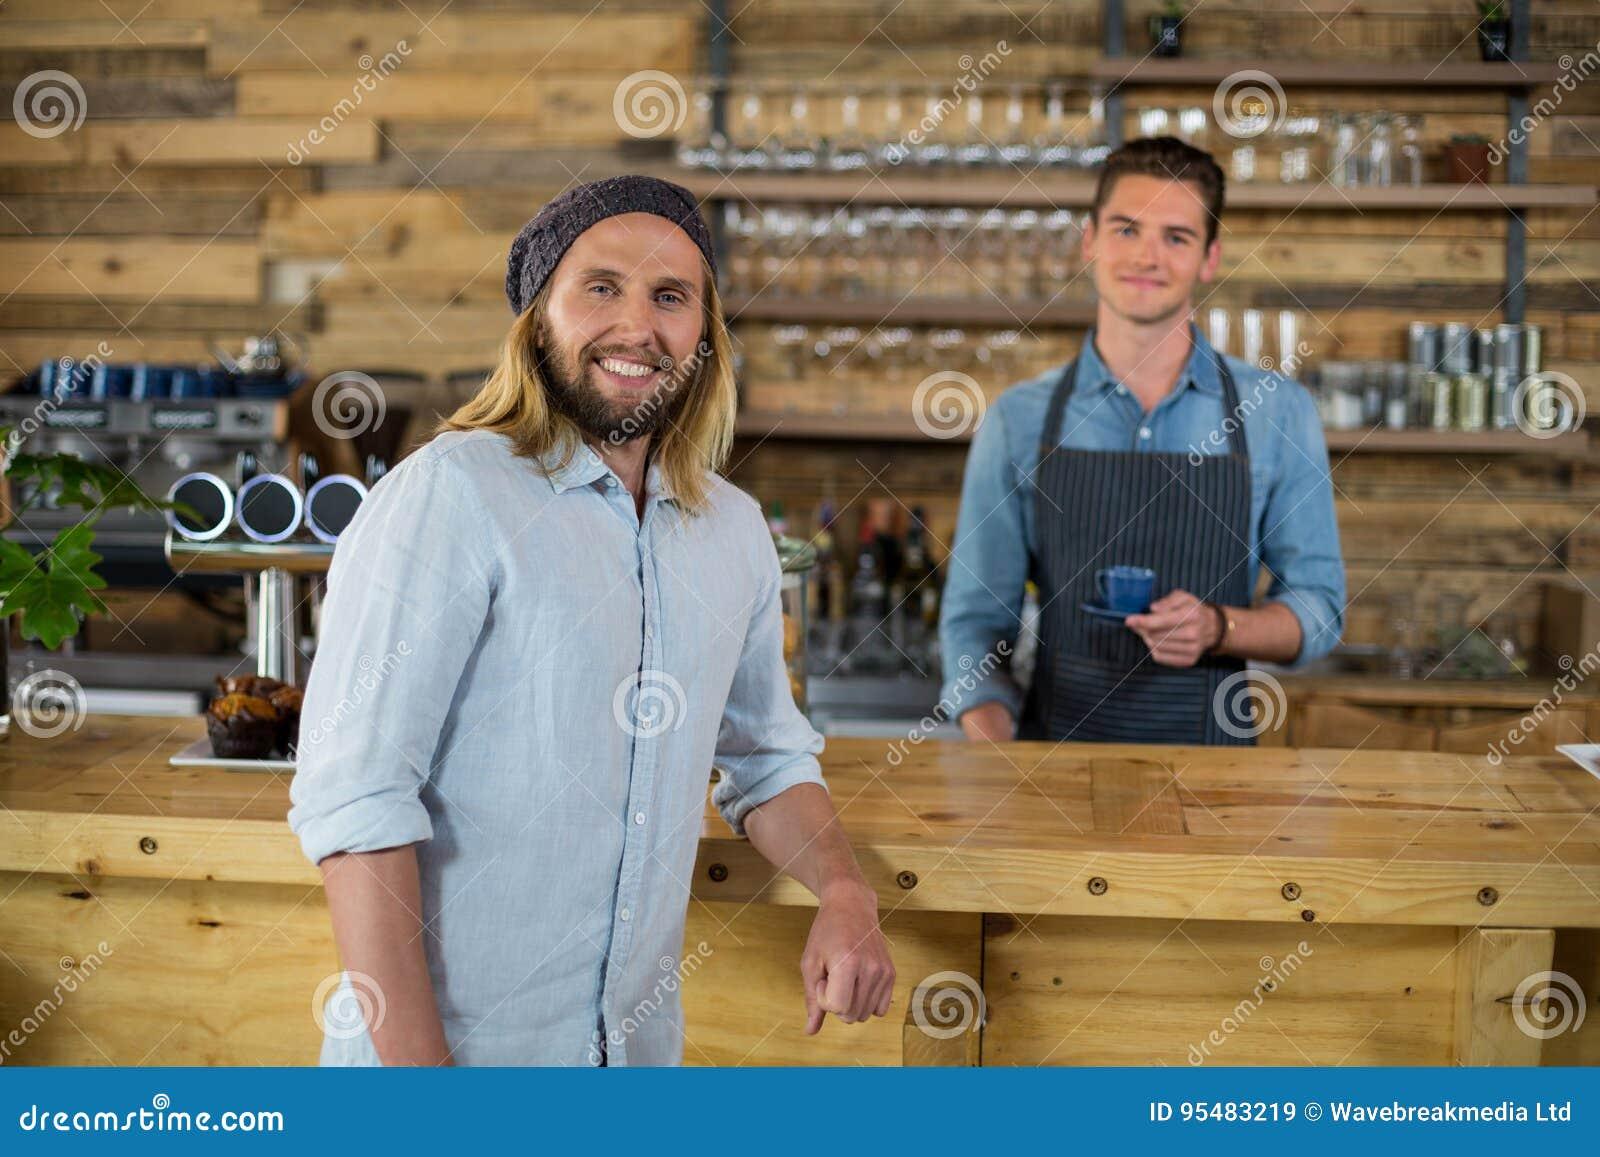 Portret kelner słuzyć filiżanka kawy obsługiwać przy kontuarem